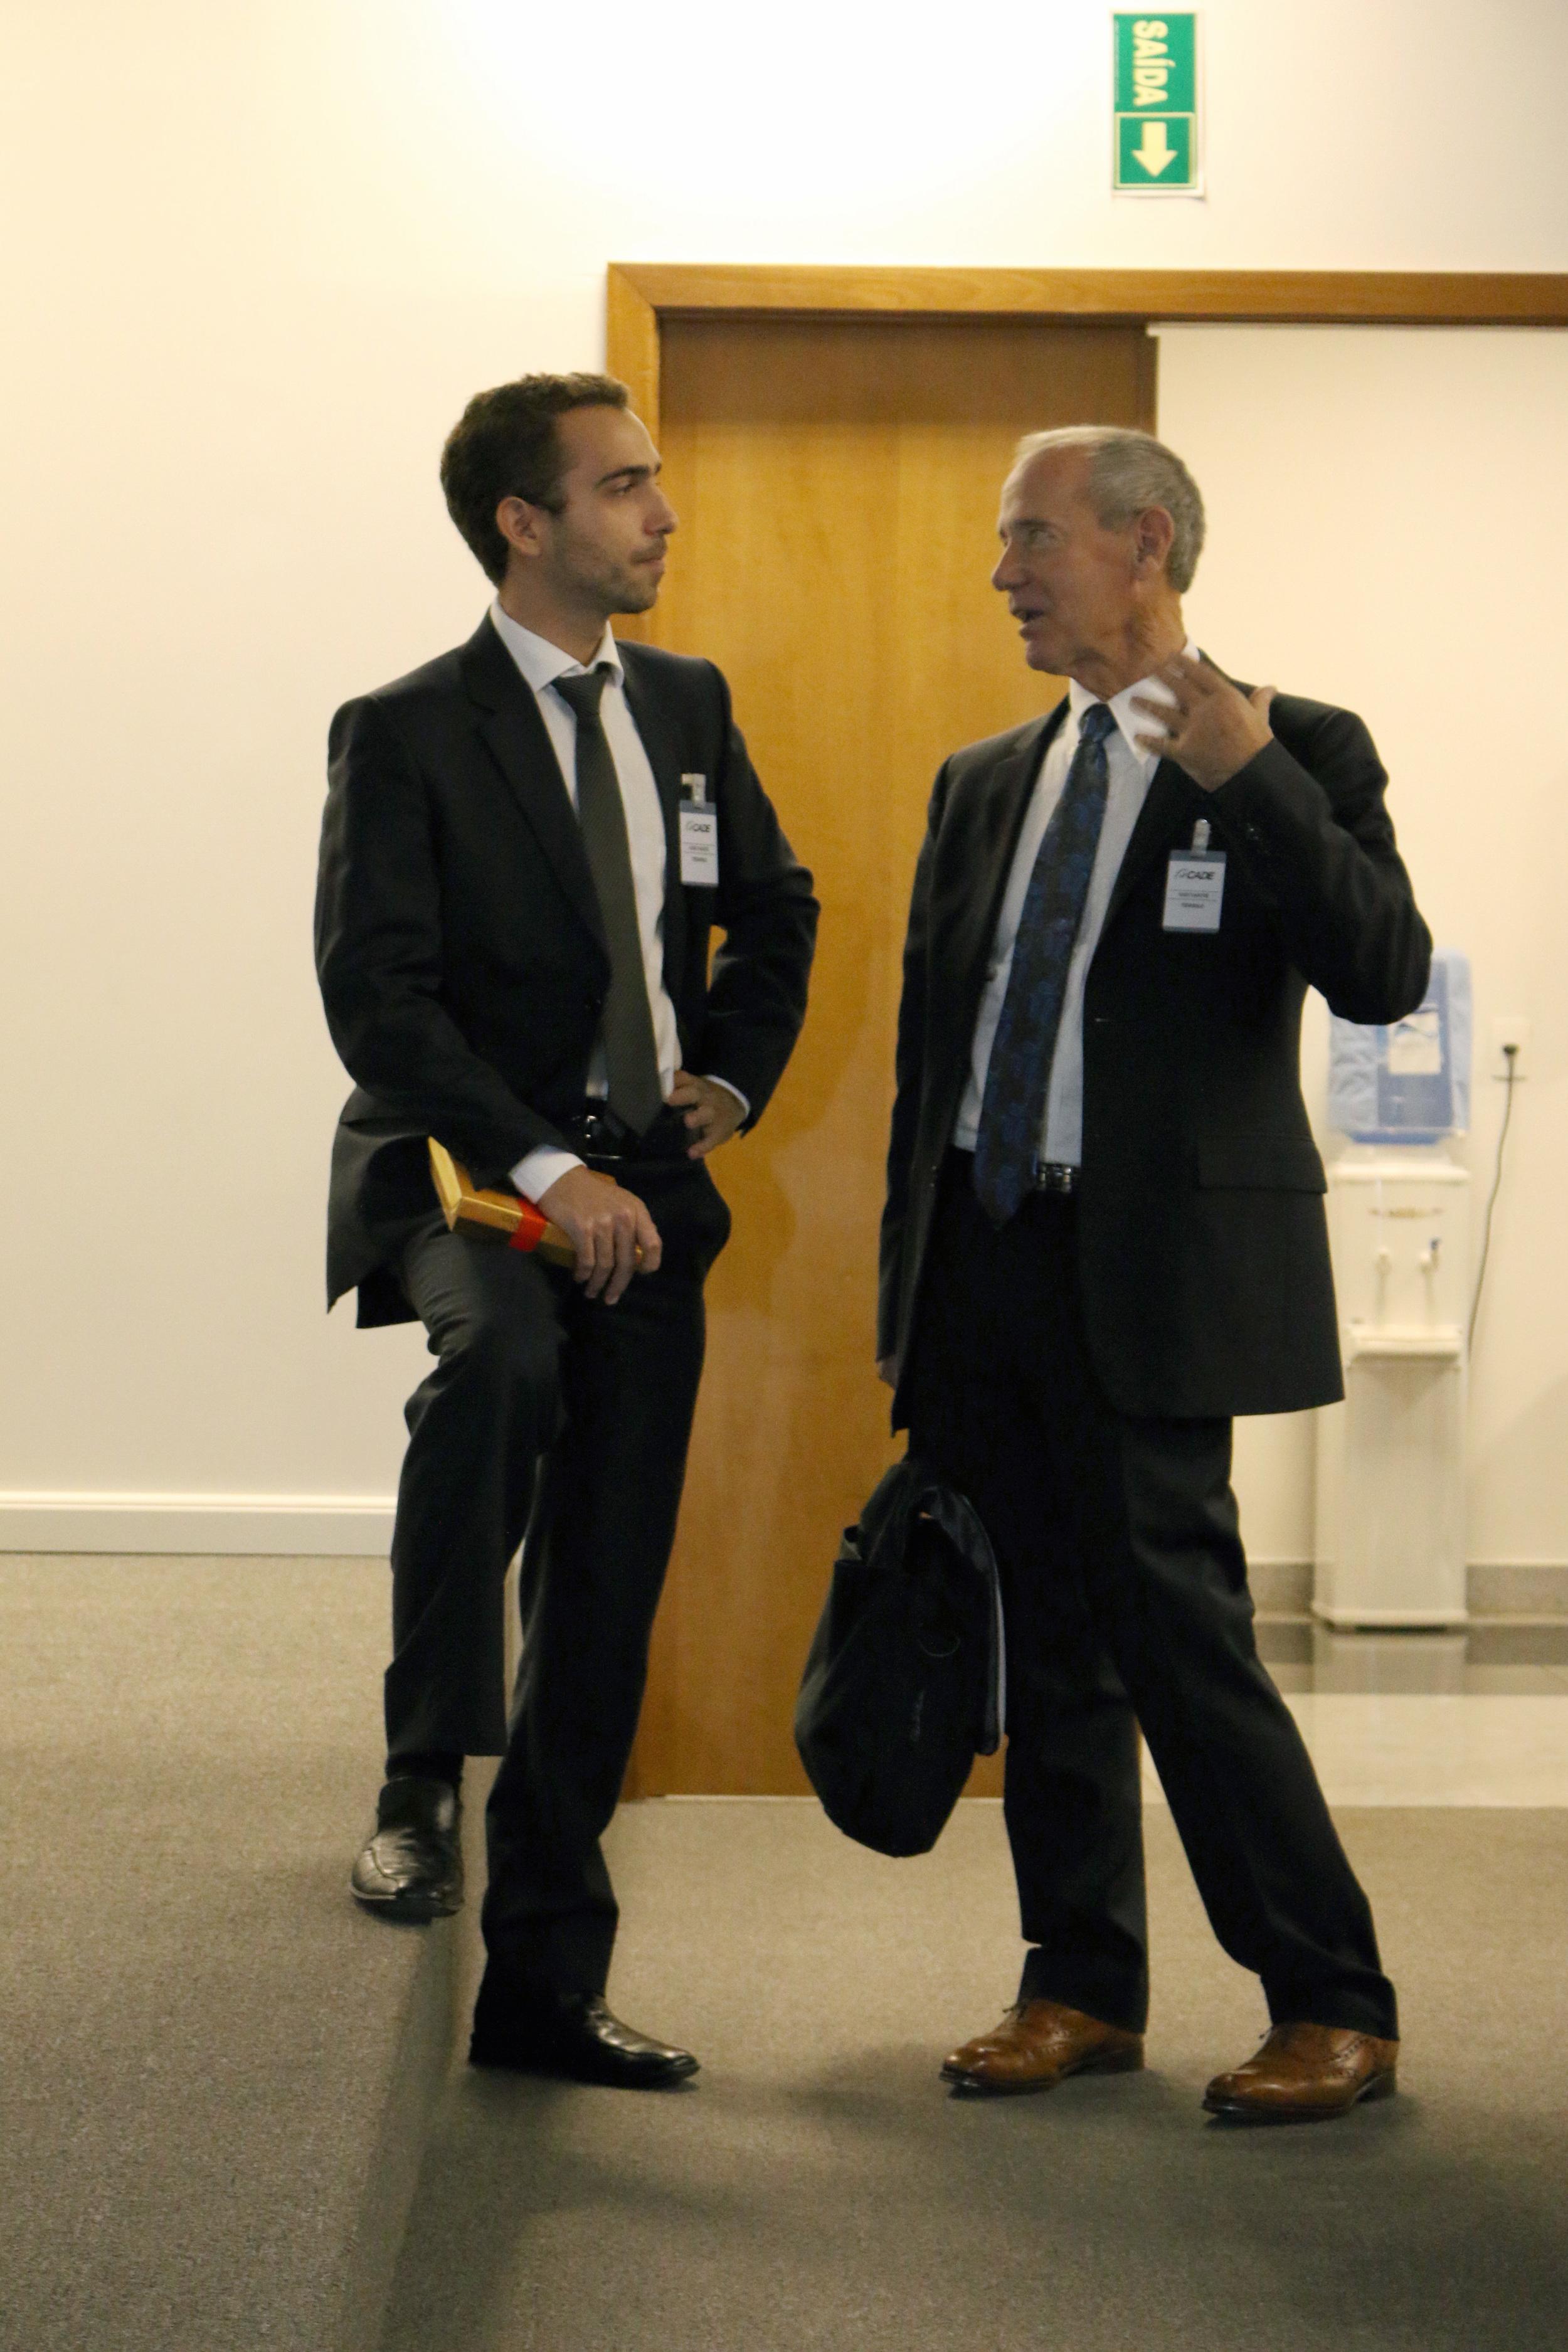 À esquerda, o Diretor de Comunicação da ANESP, Matheus Azevedo, dialogando com o Prof. William Eimick,da Columbia University